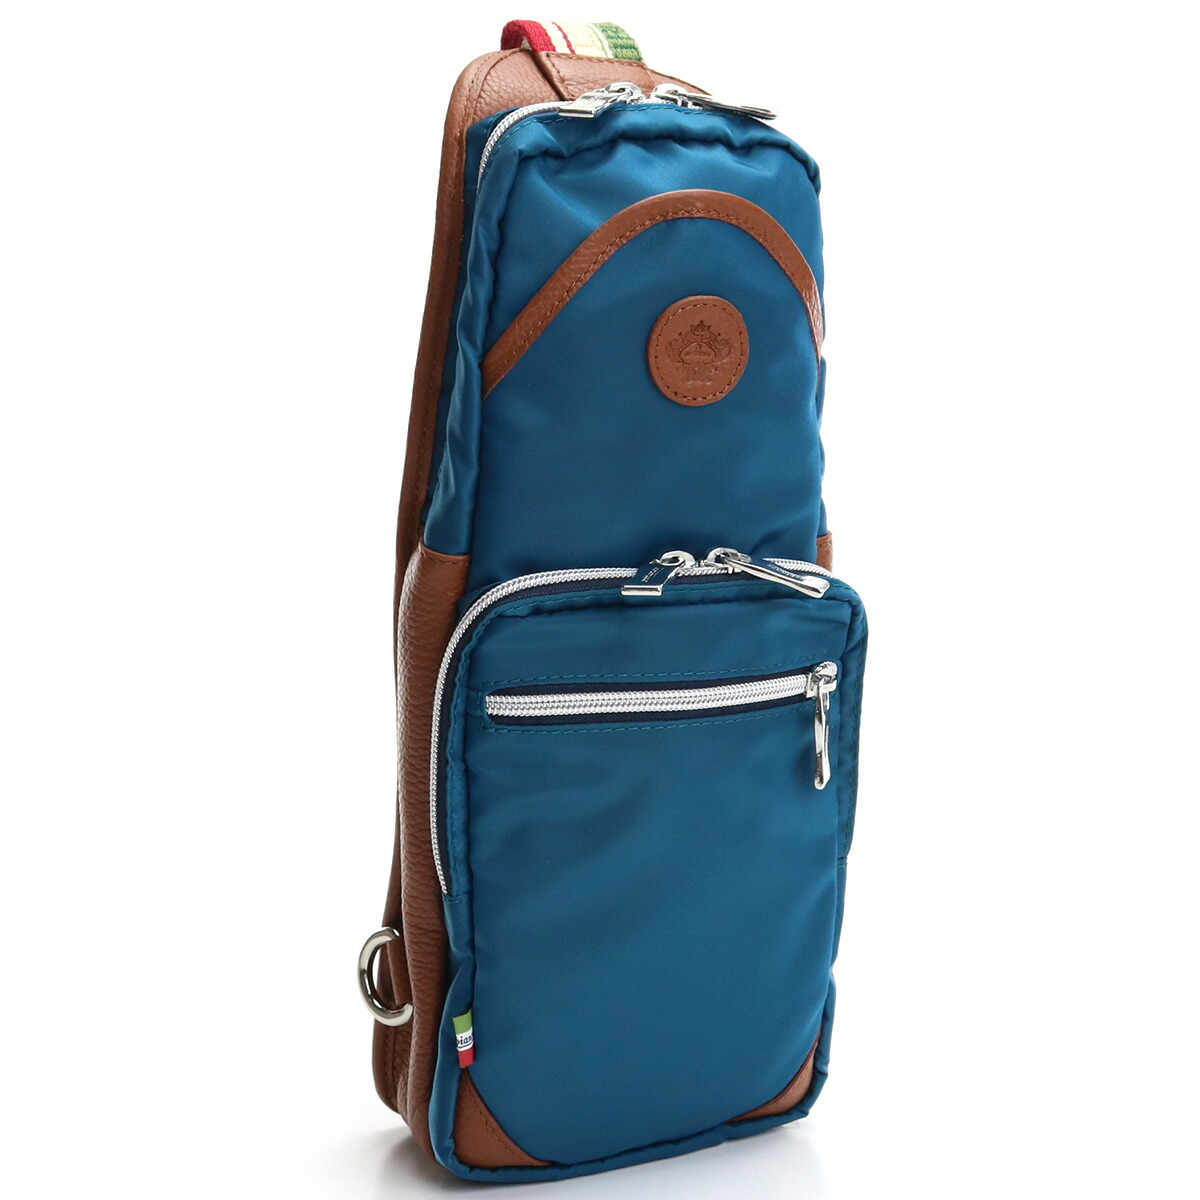 オロビアンコ OROBIANCO  ボディバッグ GIACOMIO DA-N 11/08 GOLFO/MATTONE ブルー系 ブラウン系 bag-01